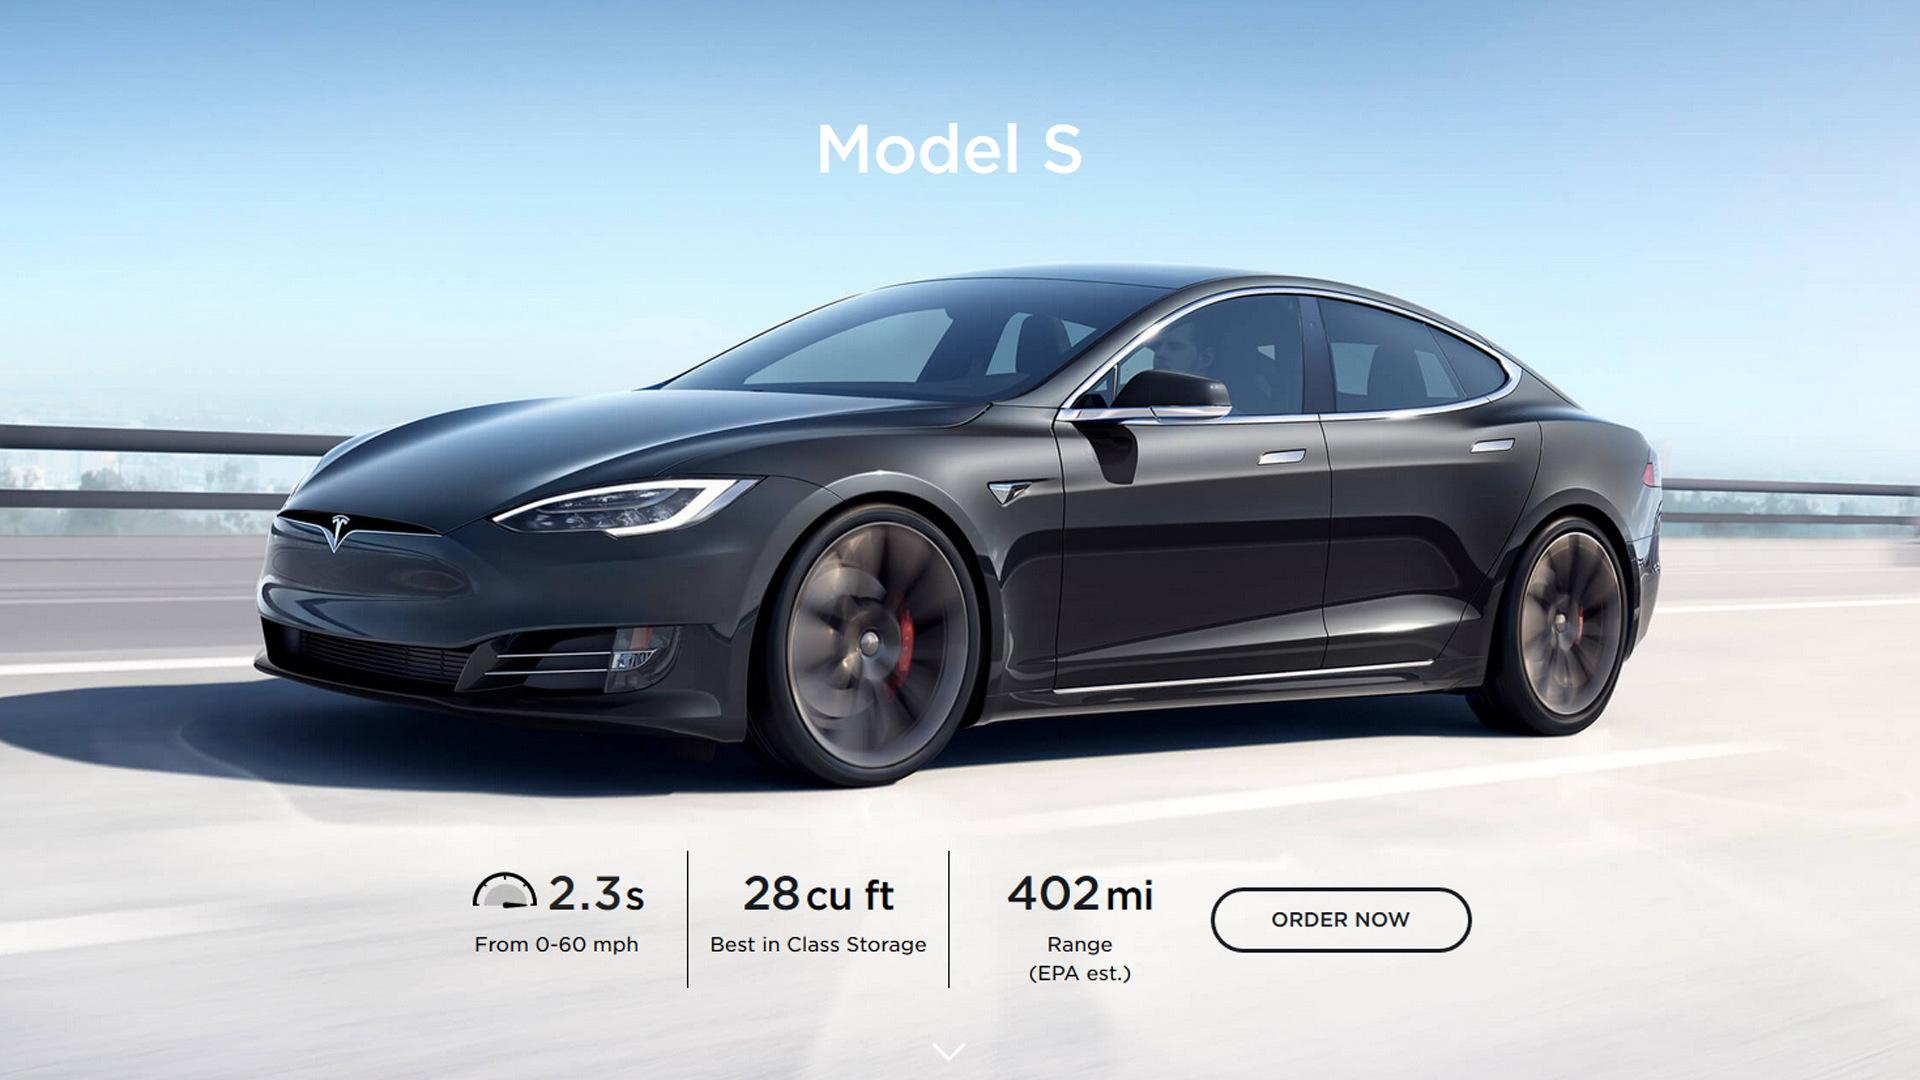 2020 Tesla Model S with EPA-rated range of 402 miles